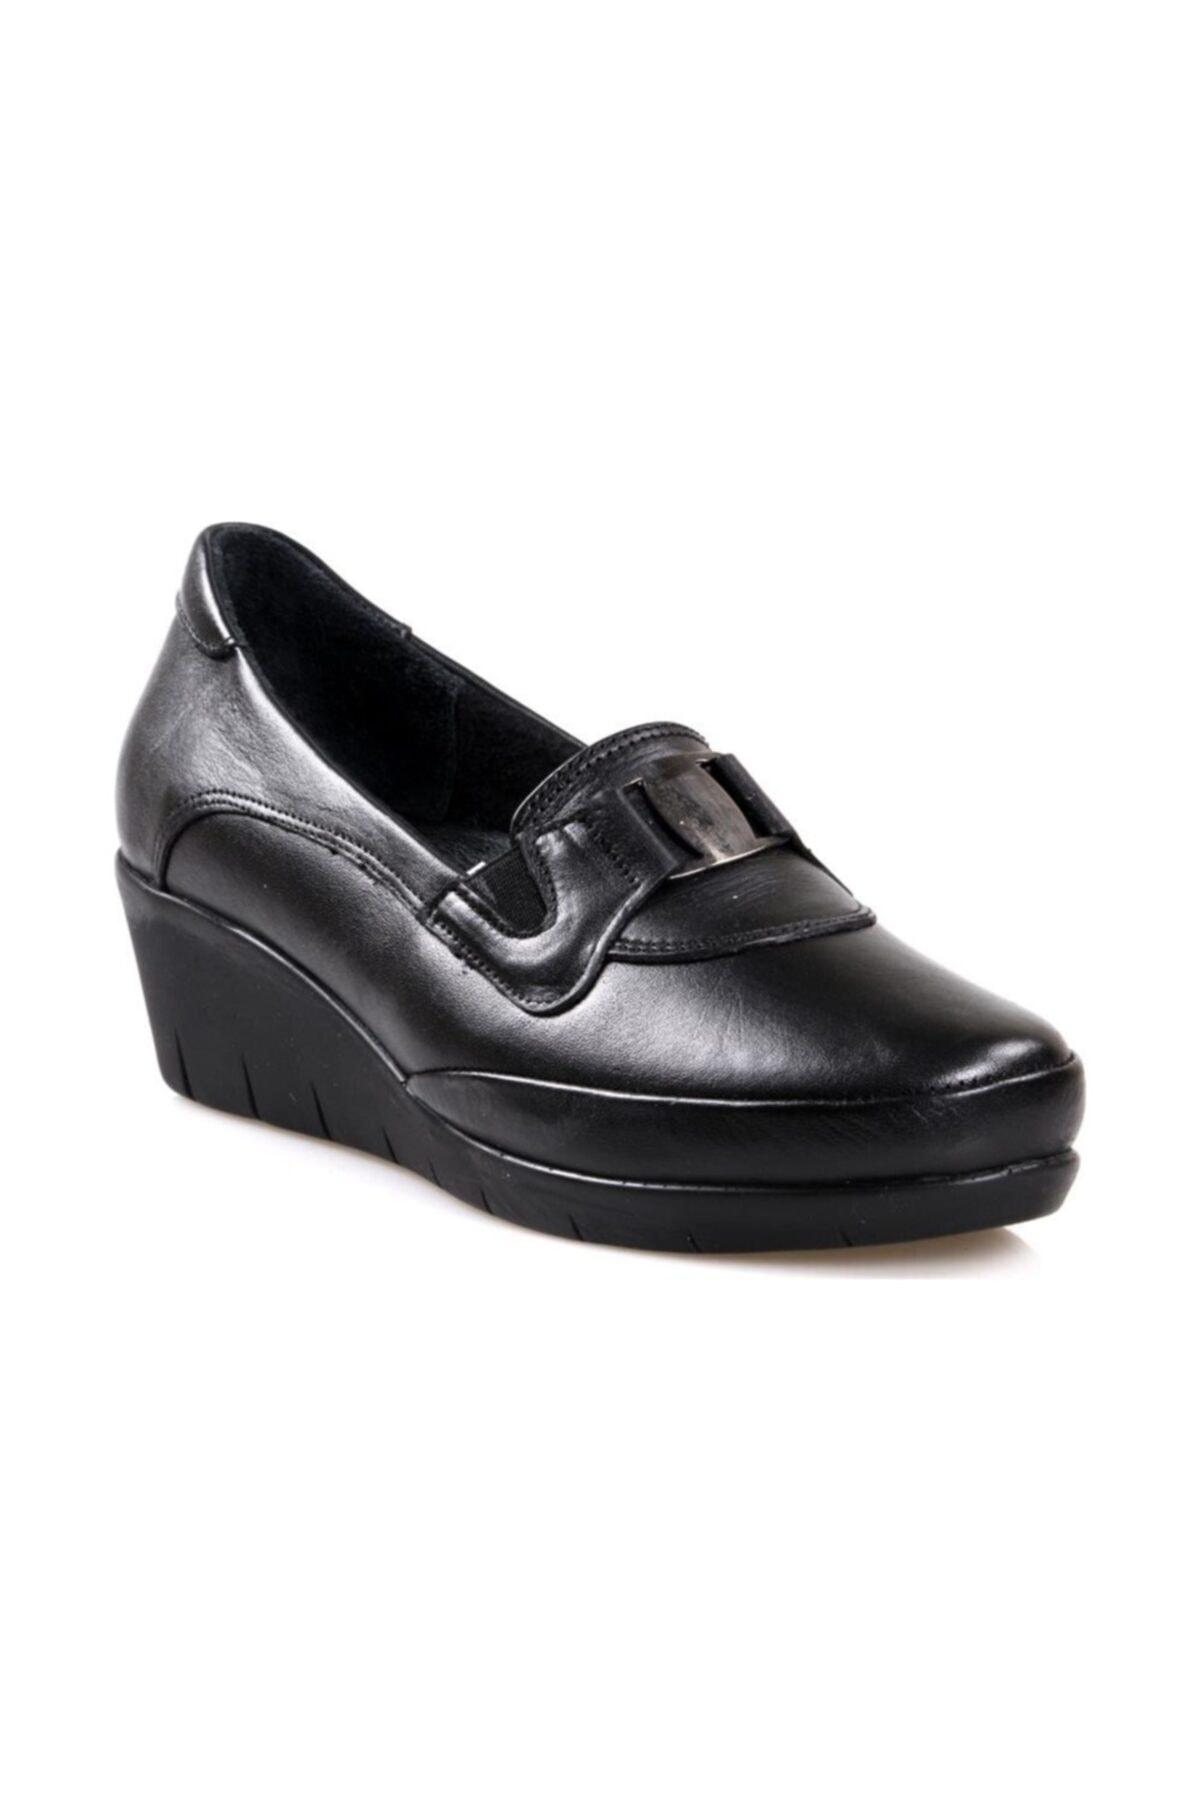 Scavia 116 Siyah Ortapedik Comfort Deri Kadın Ayakkabısı 1